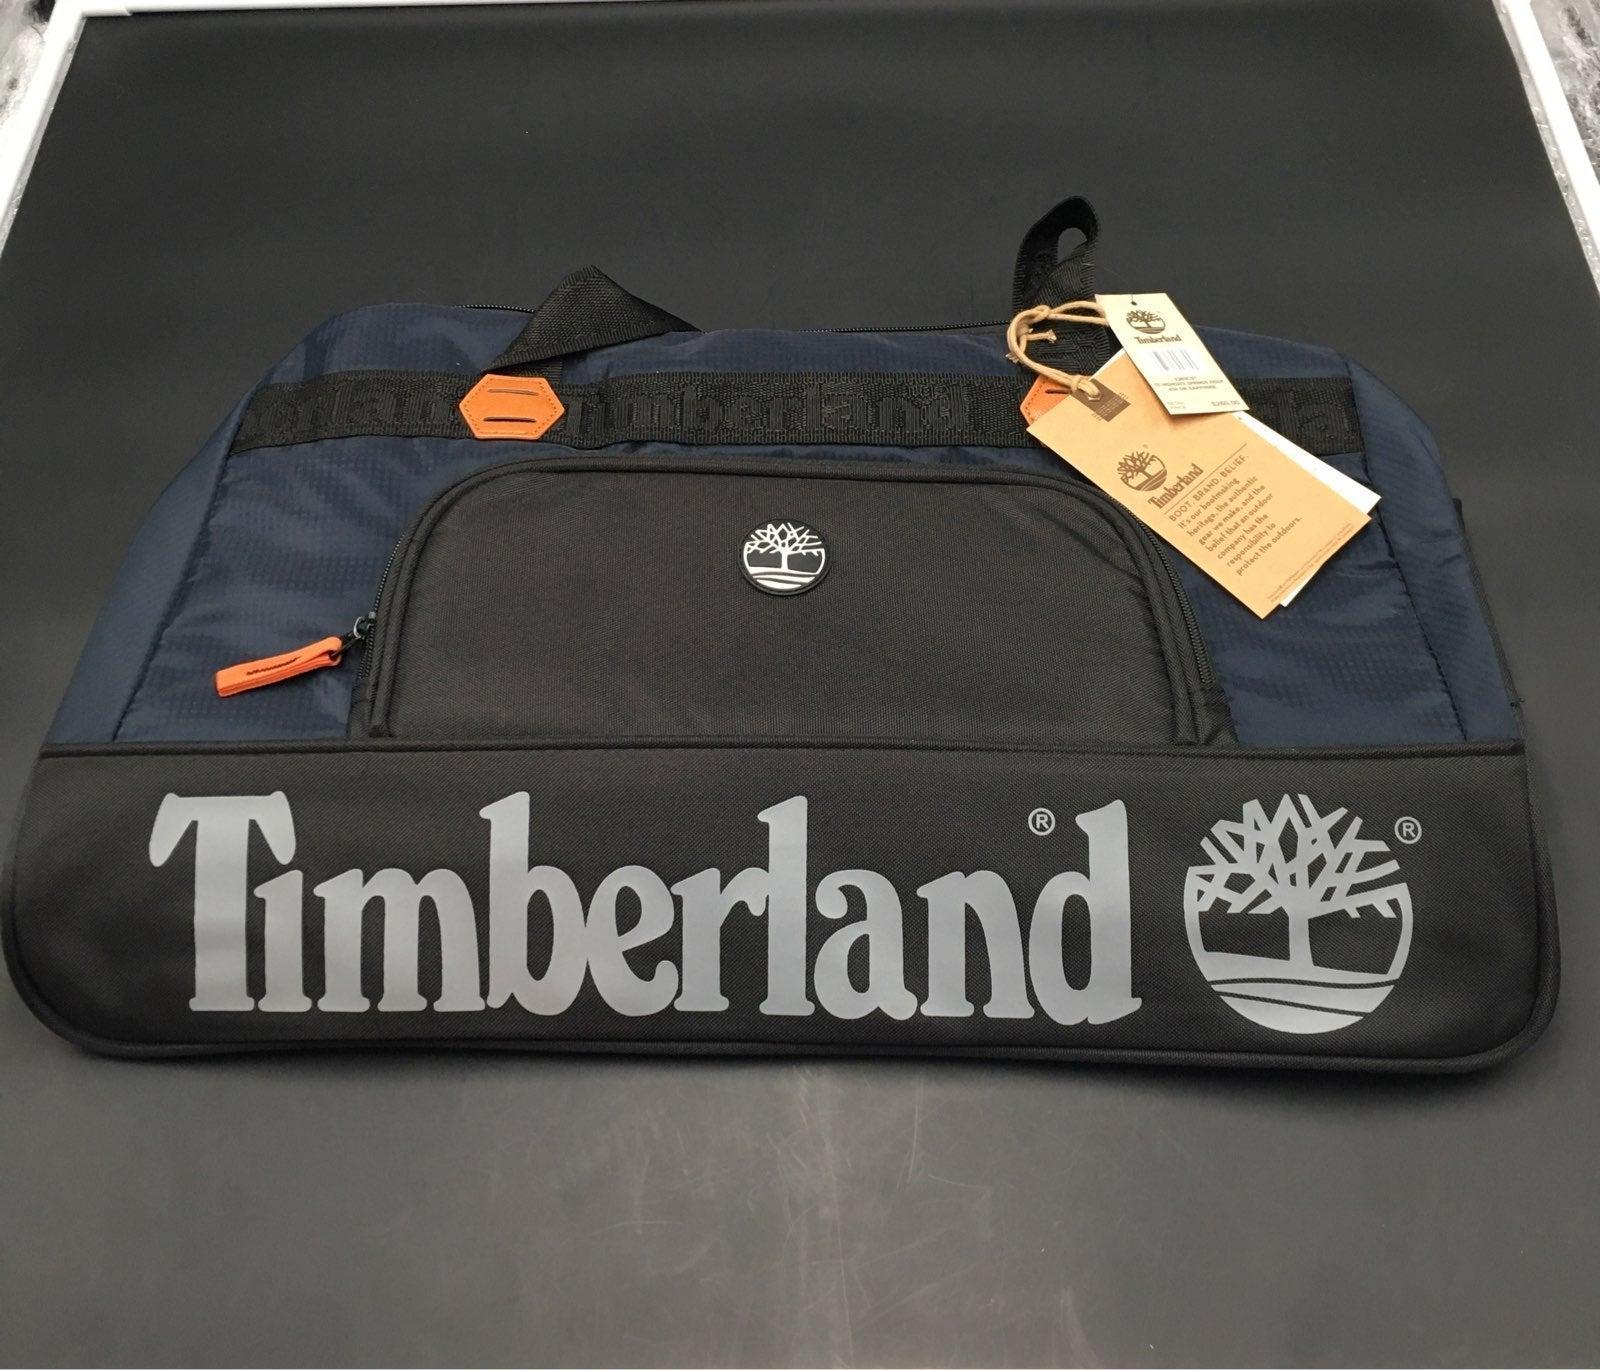 Timberland Duffel bag